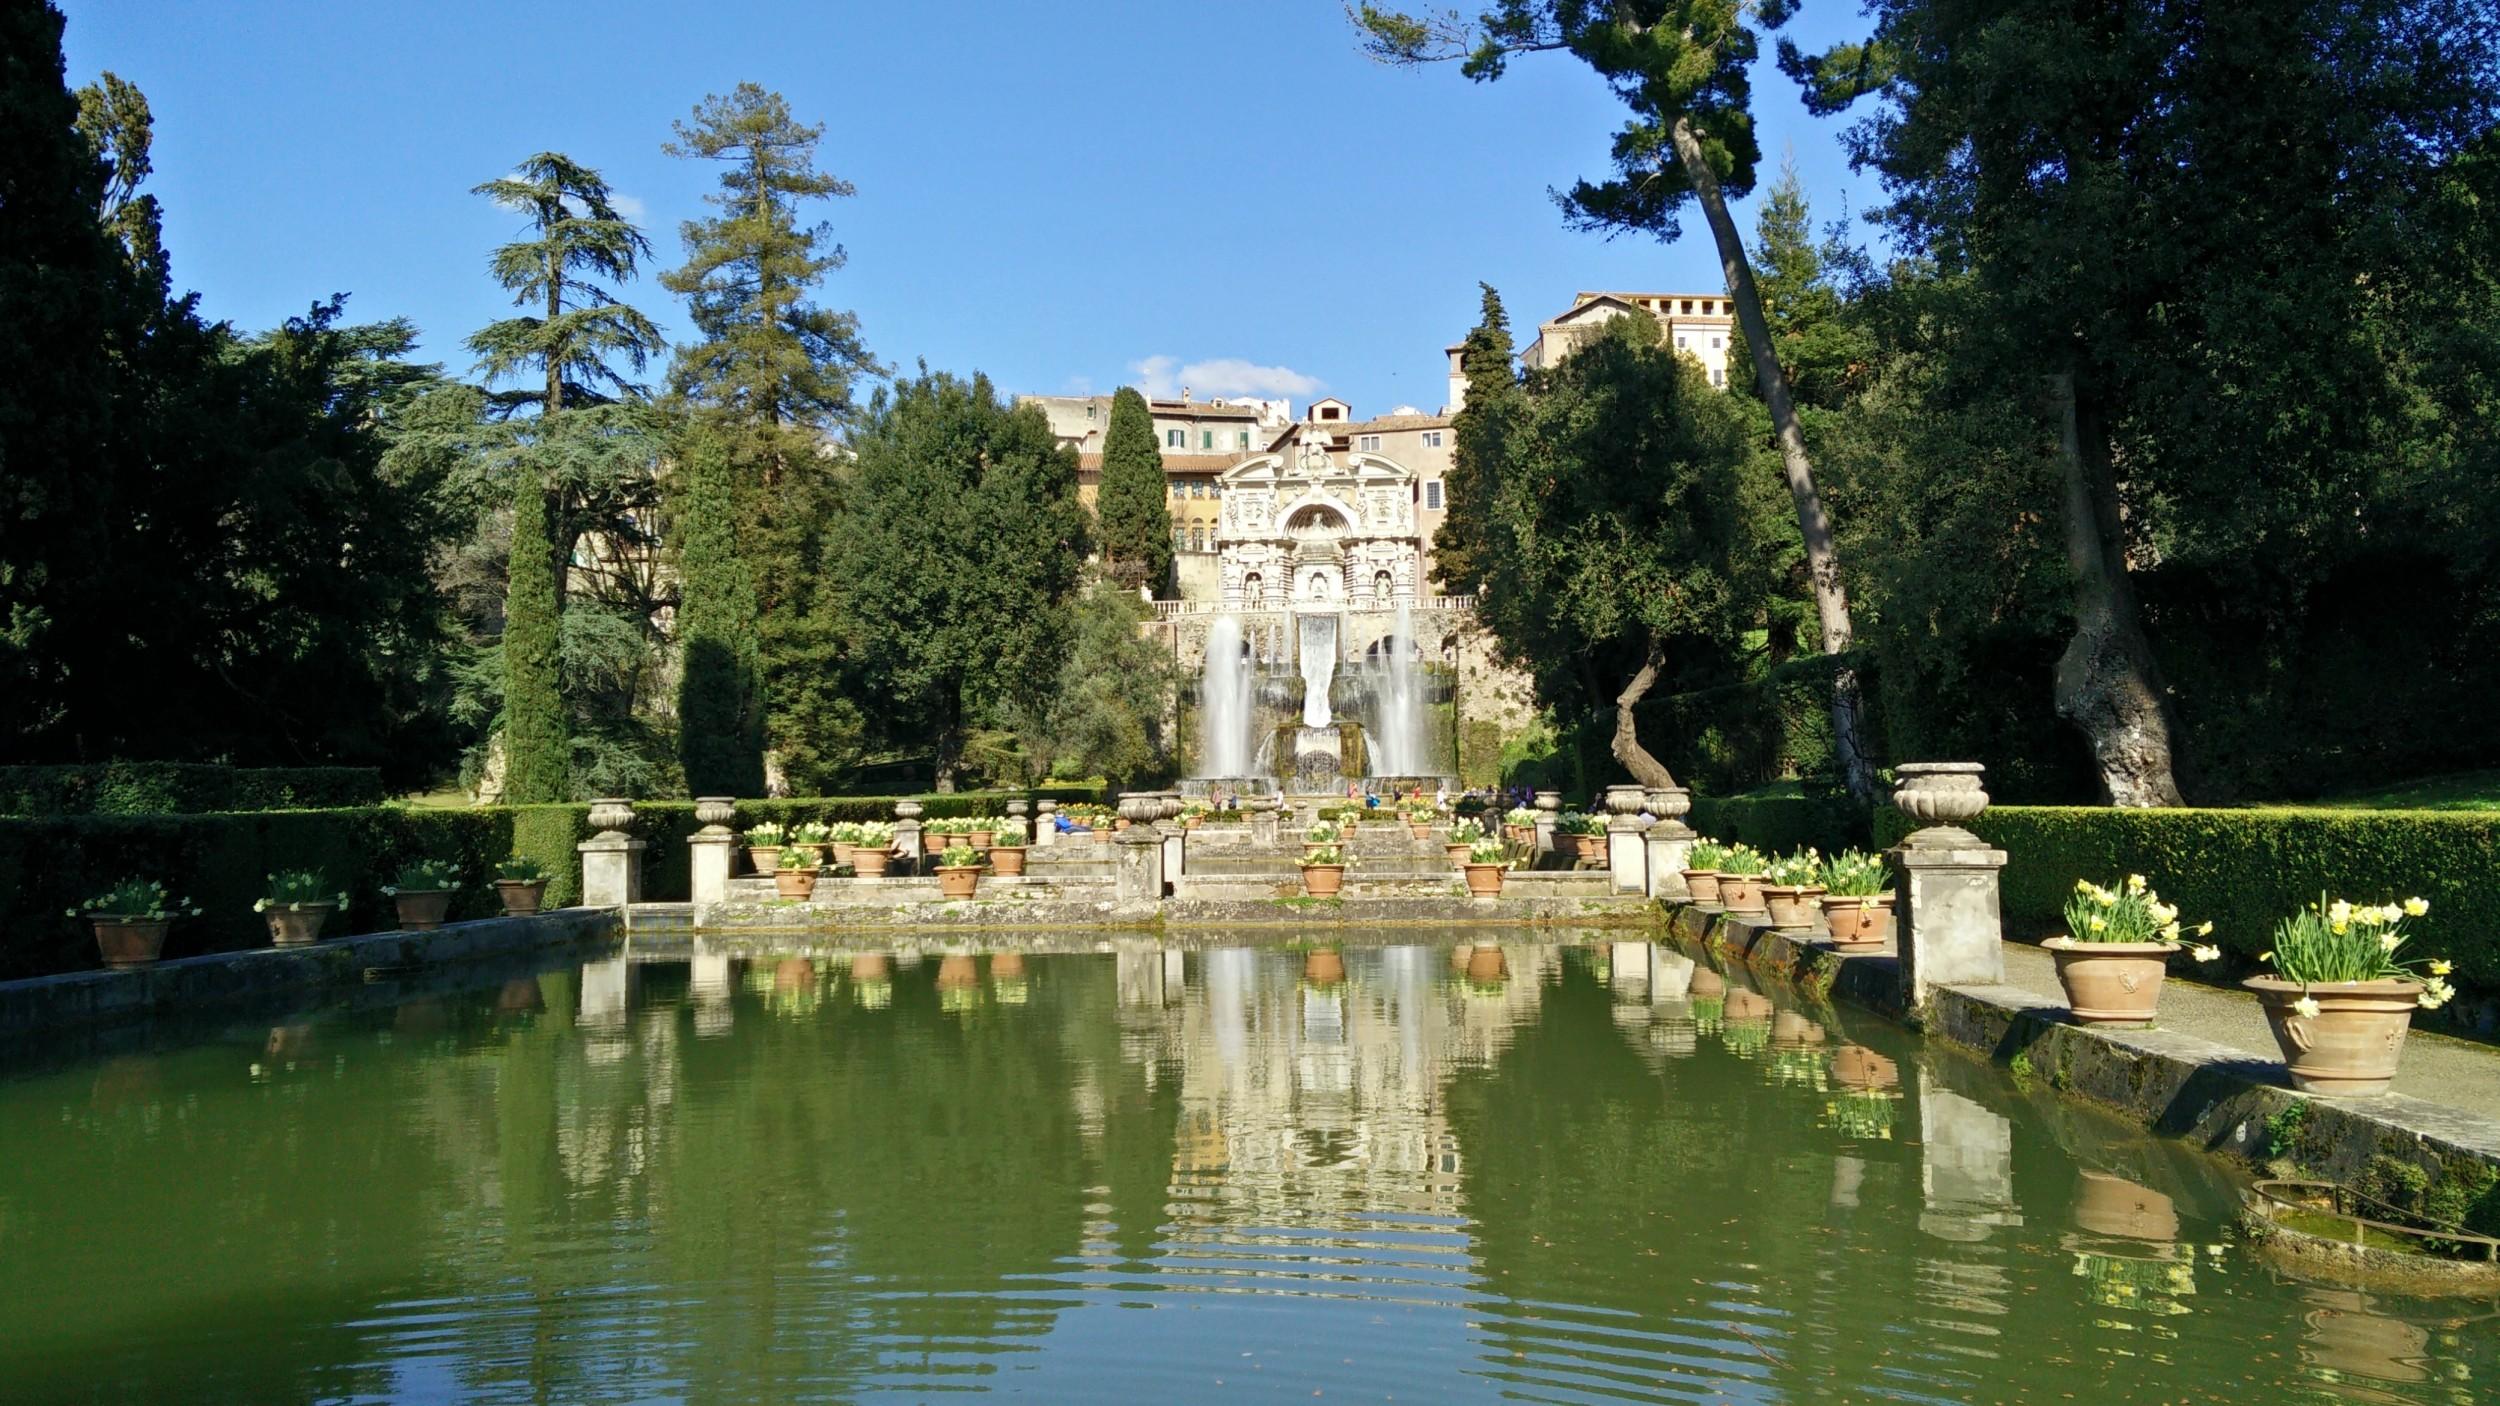 Gardens of Villa dEste  Tivoli  Visions of Travel